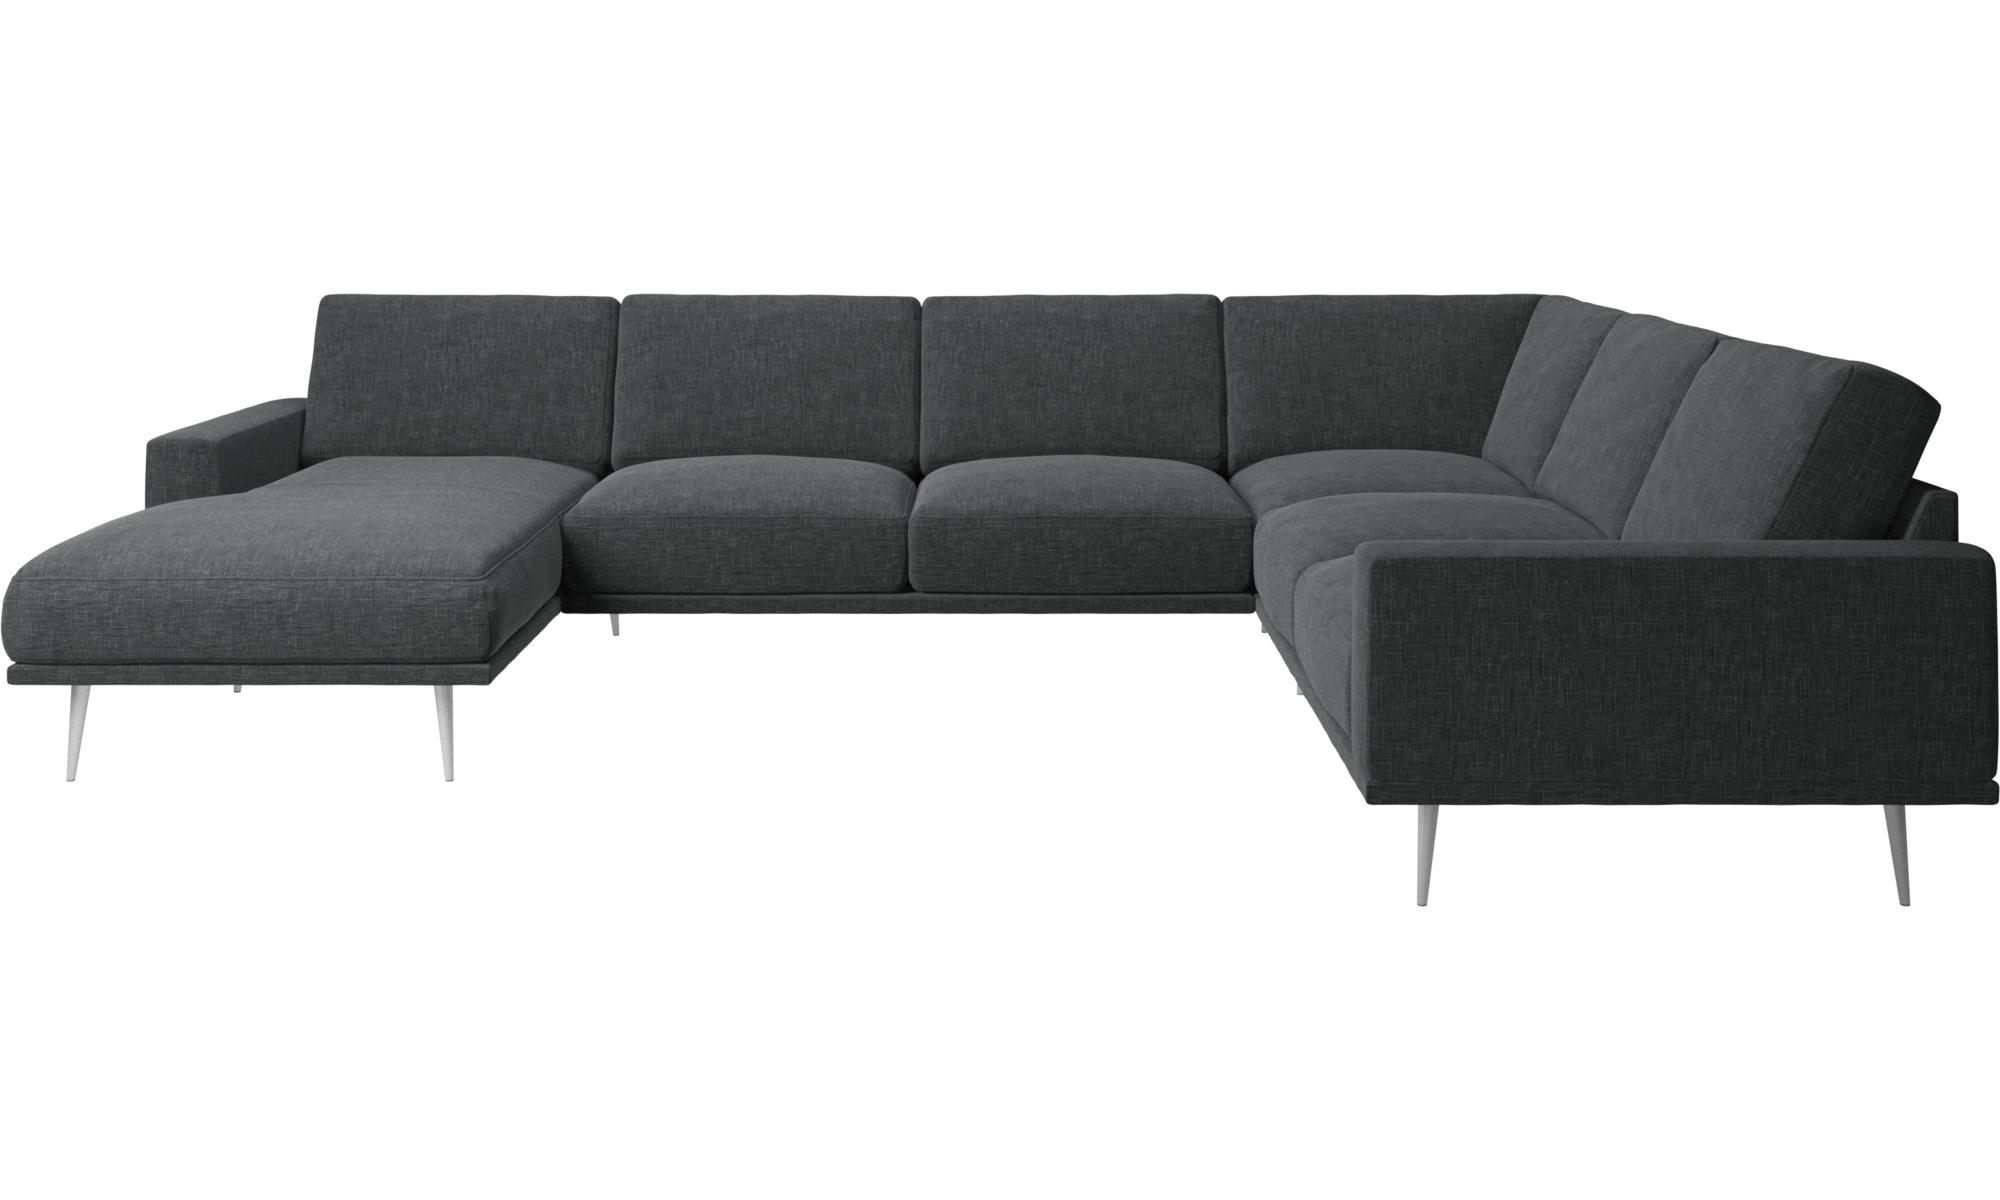 canap s avec chaise longue canap d 39 angle carlton avec. Black Bedroom Furniture Sets. Home Design Ideas